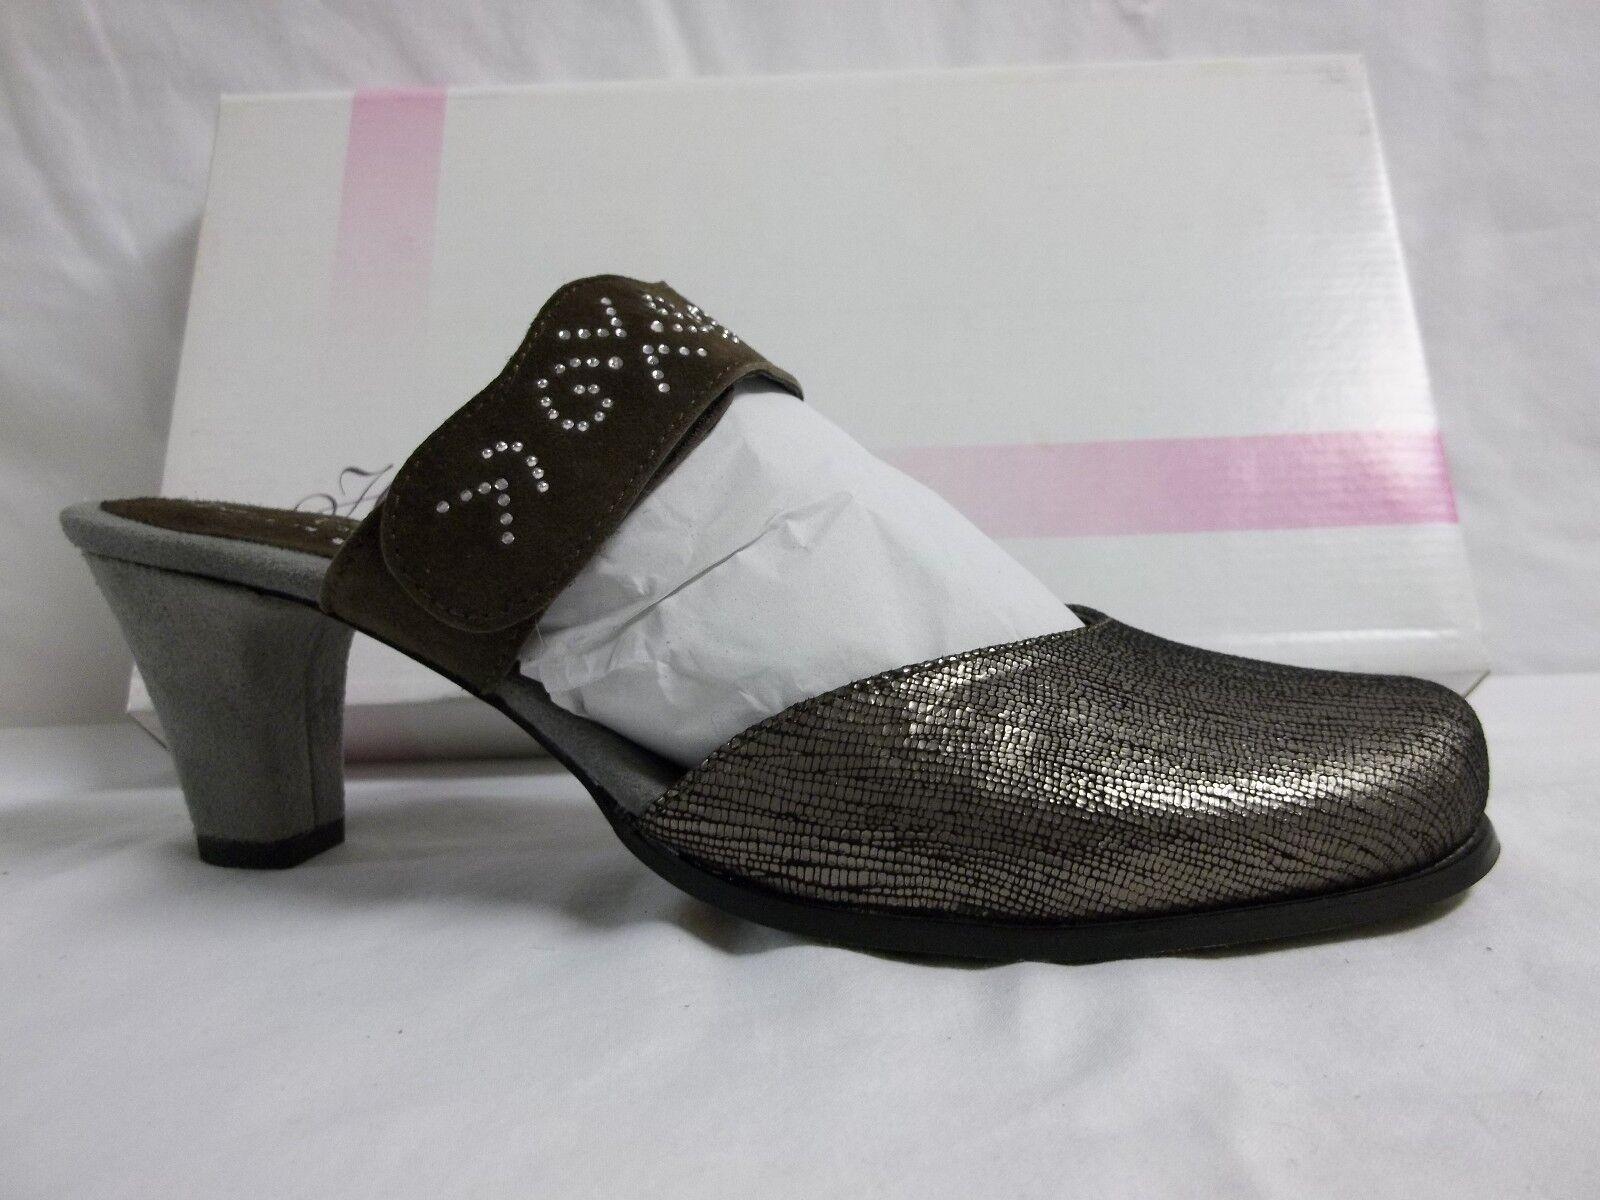 Prezzo al piano Helle Comfort EU 41 US 10 10 10 M Emerald Taupe Leather Mules Heels New donna scarpe  migliore offerta